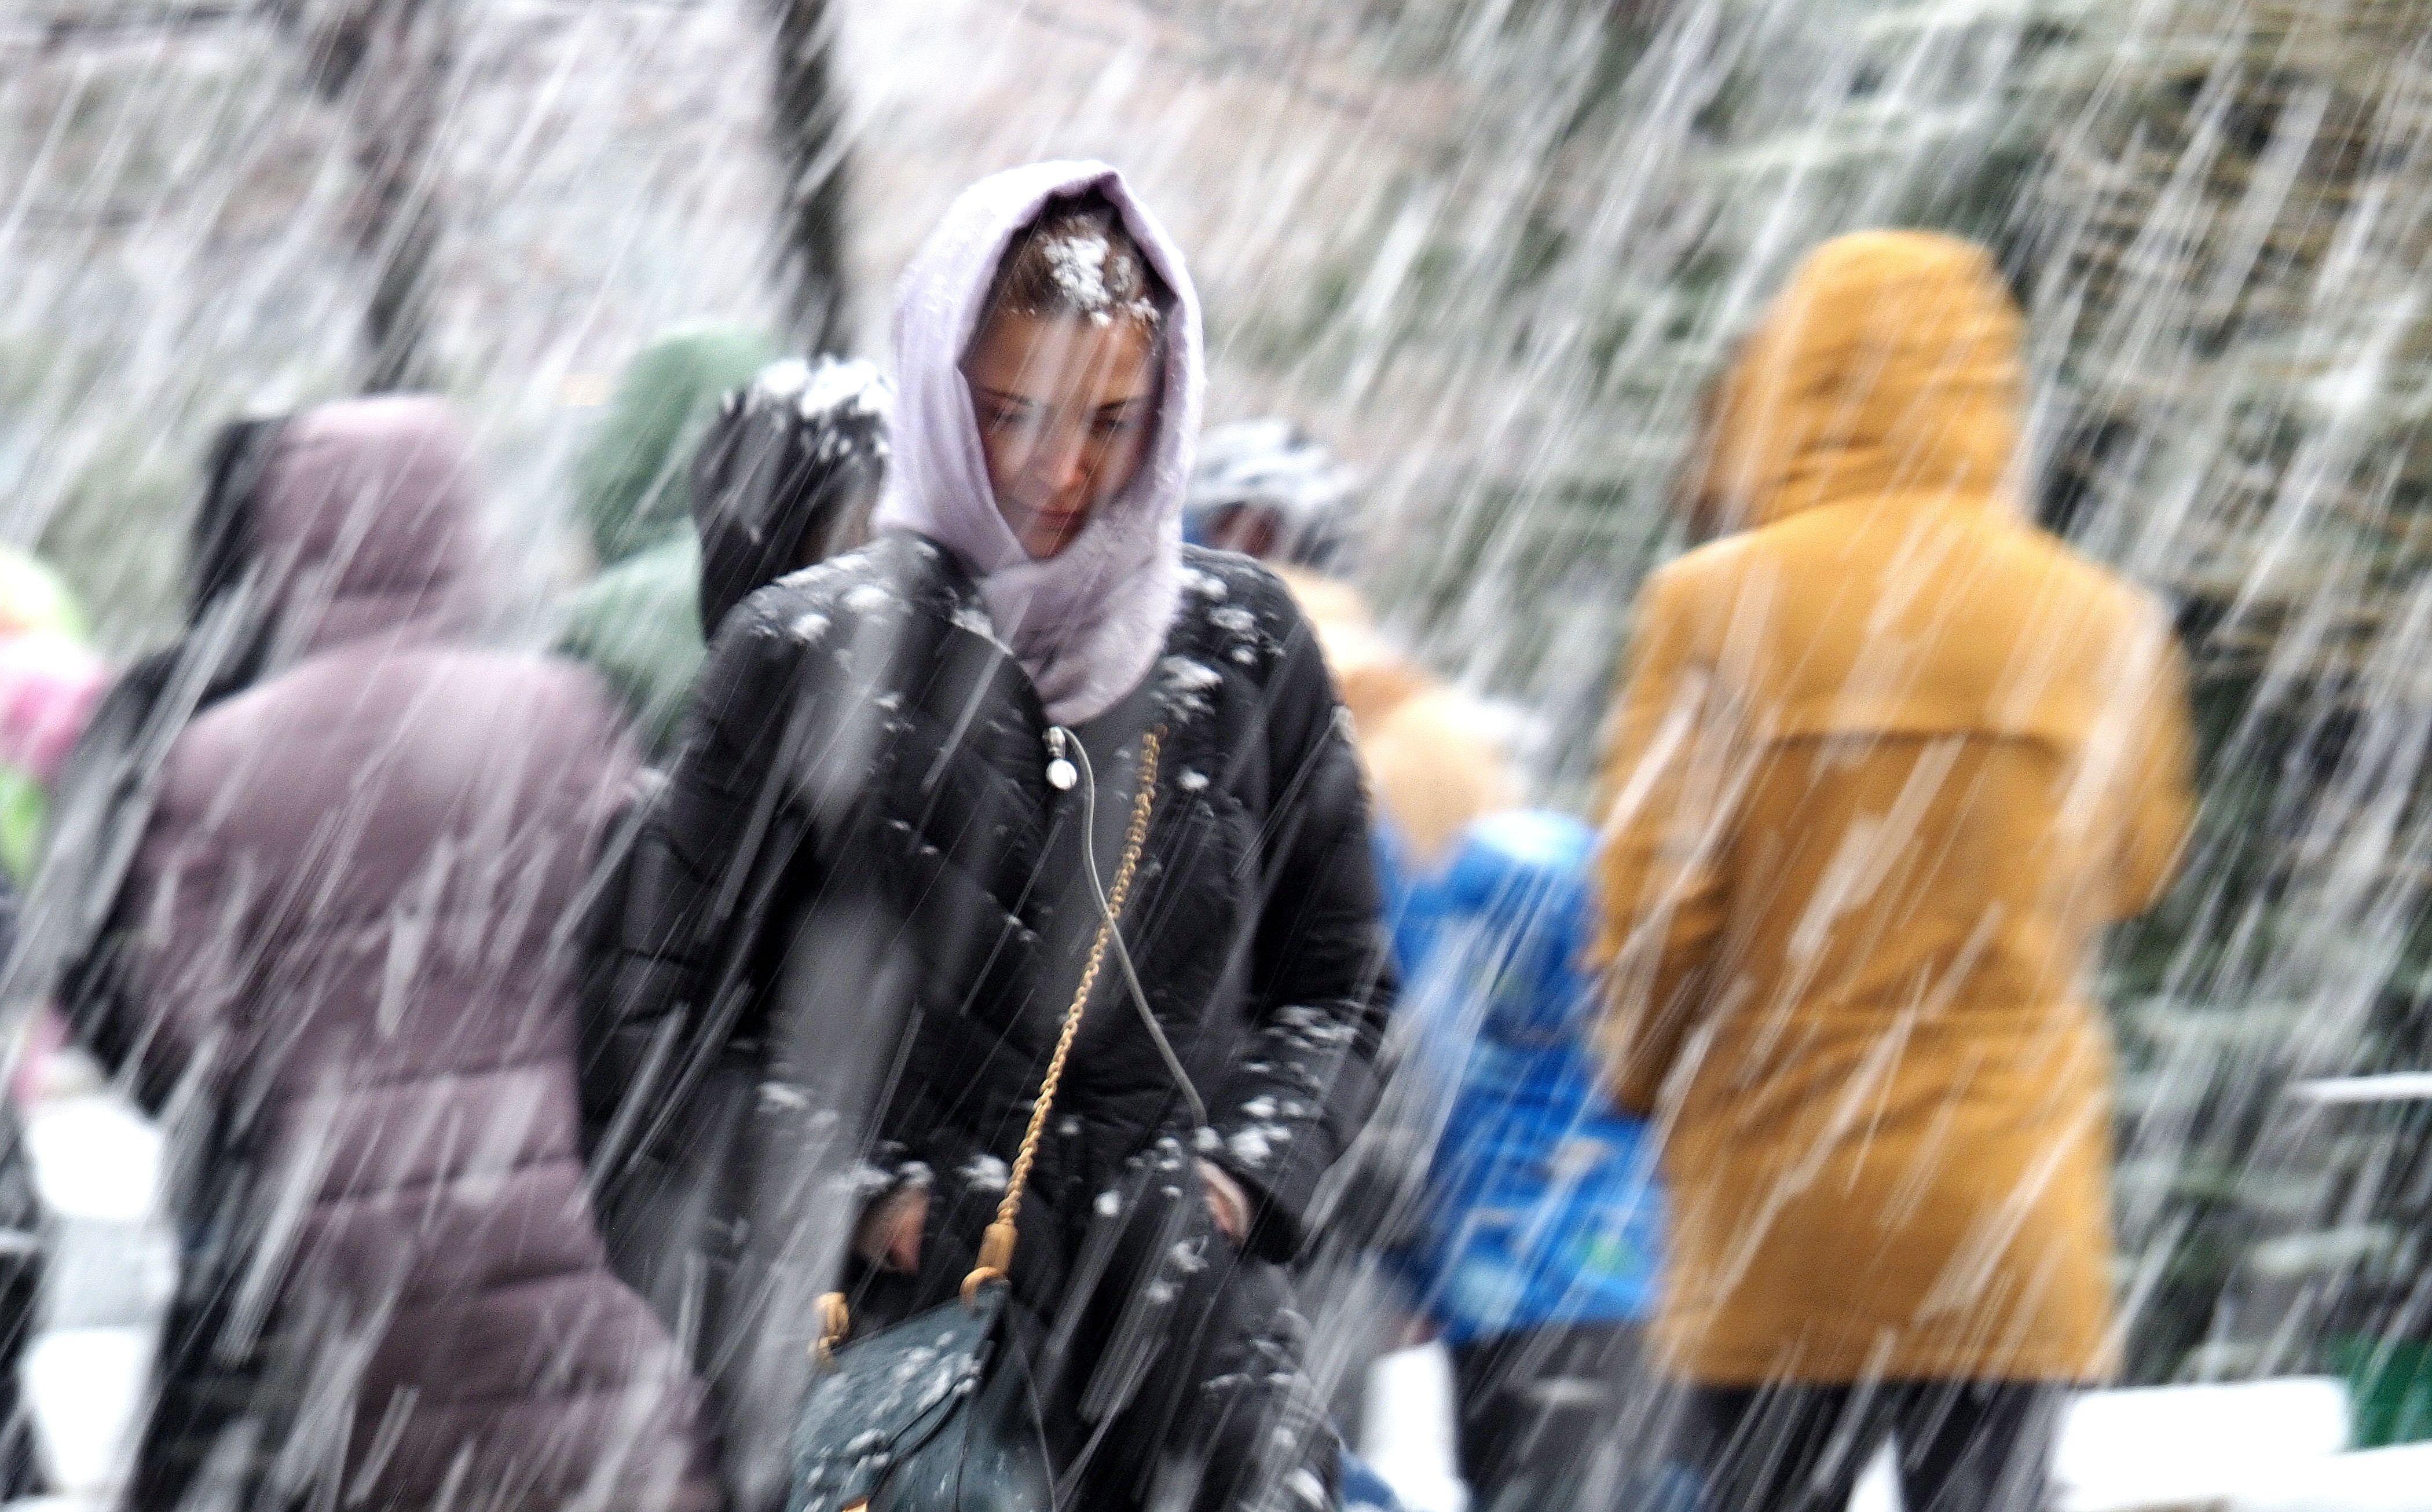 Метеорологи выпустили прогноз погоды на следующую неделю